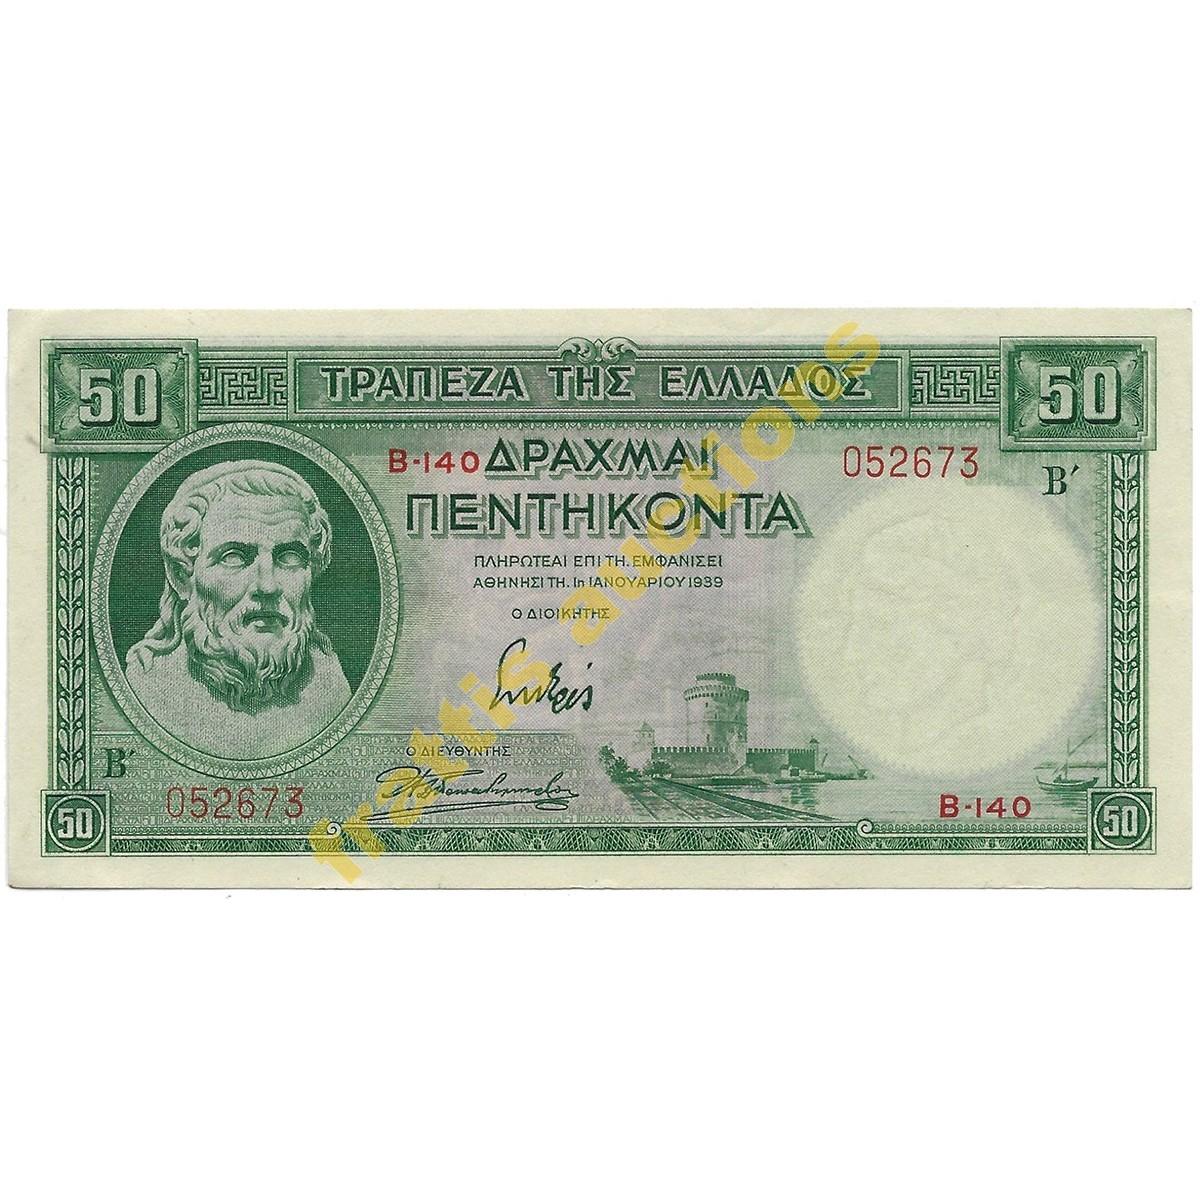 Ελληνικό χαρτονόμισμα 50 δραχμών,1939.